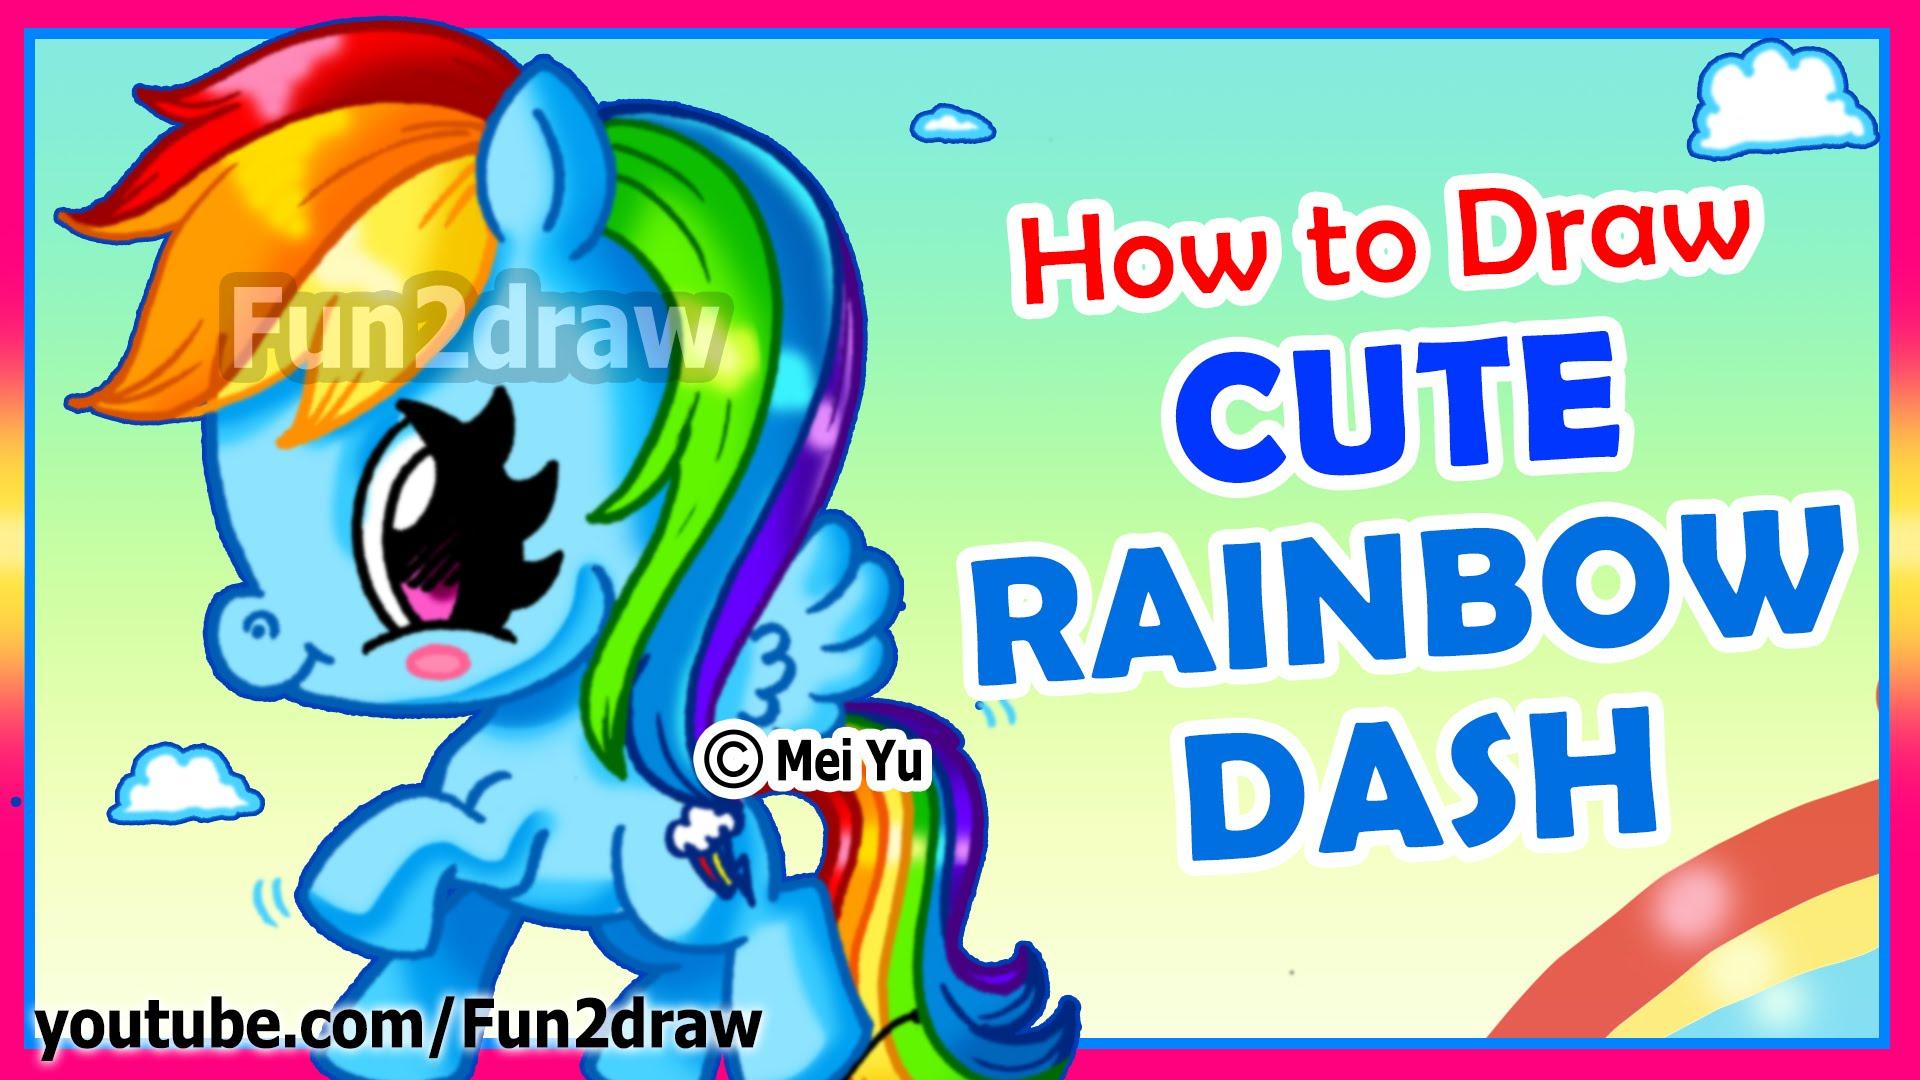 Drawn rainbow cute Draw Little How CUTE My